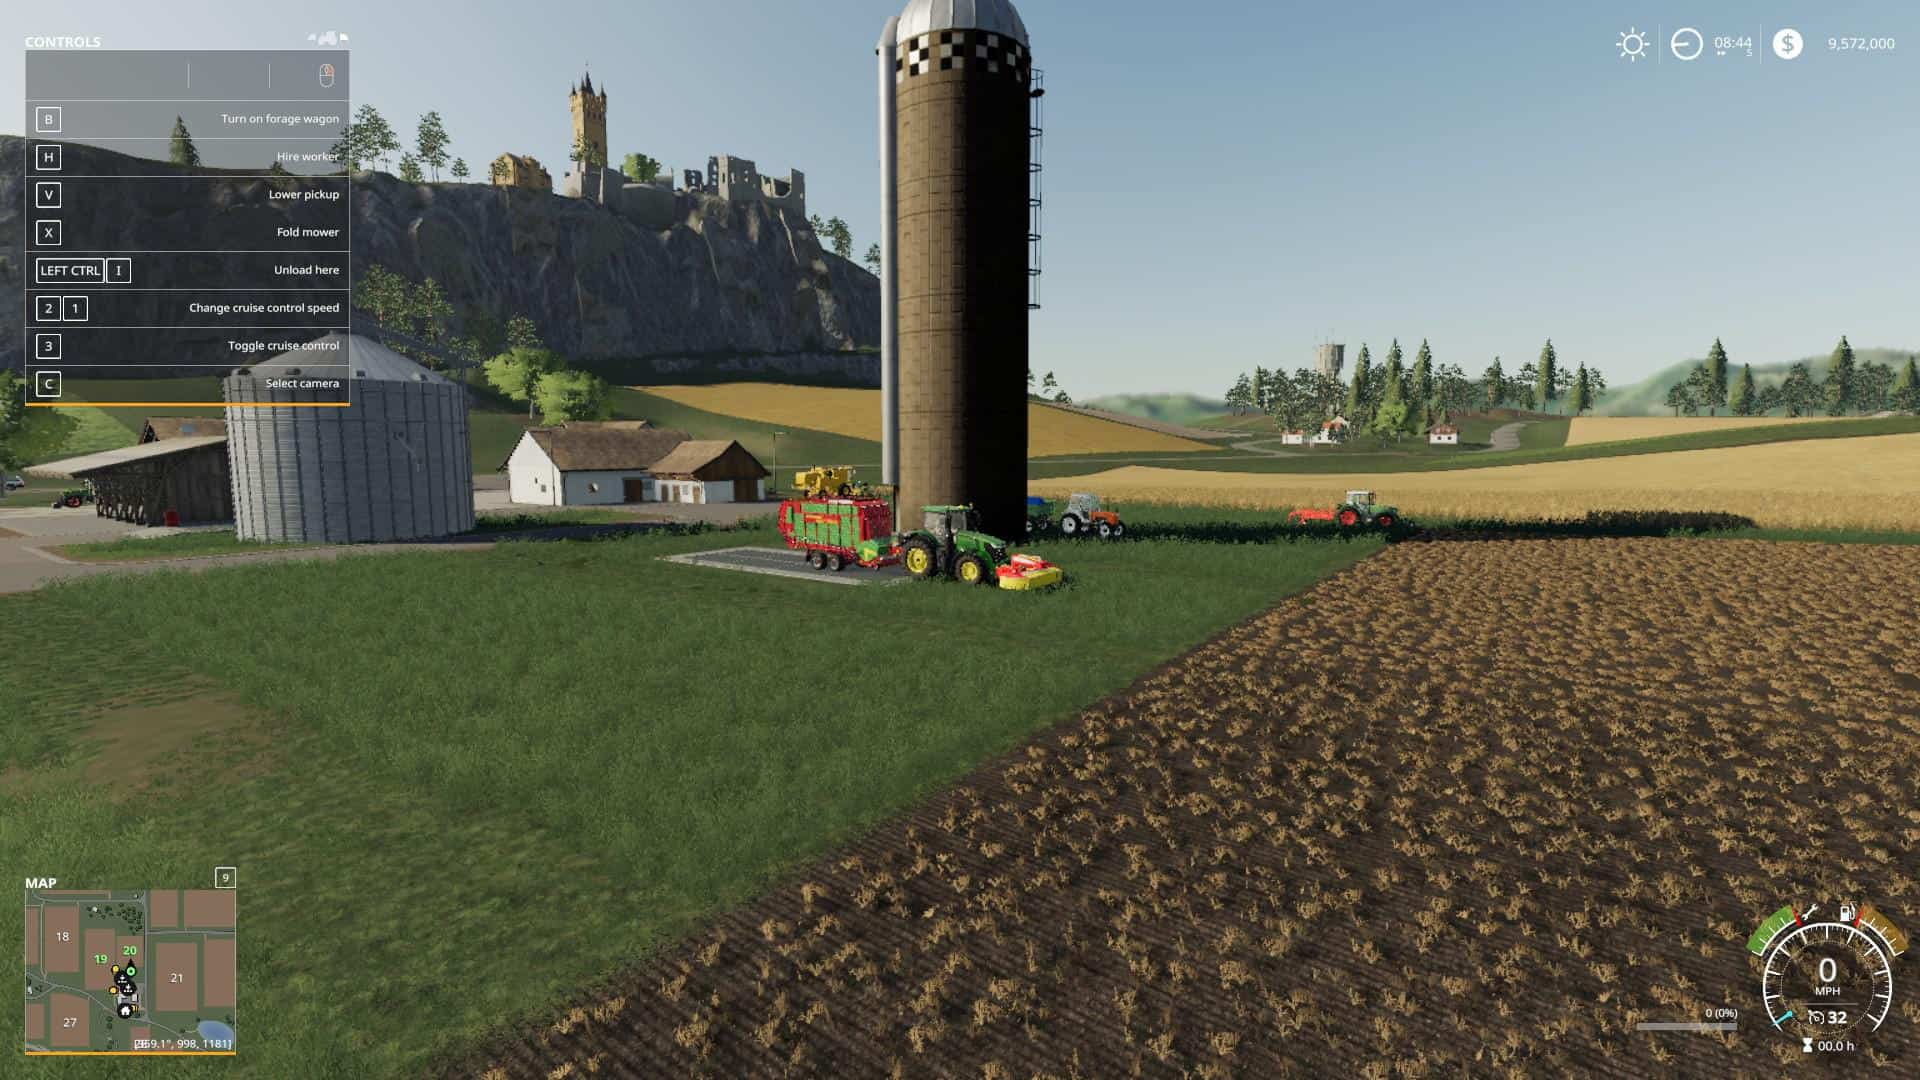 Fermenting Silo v1 0 0 0 Mod - Farming Simulator 19 Mod / FS19